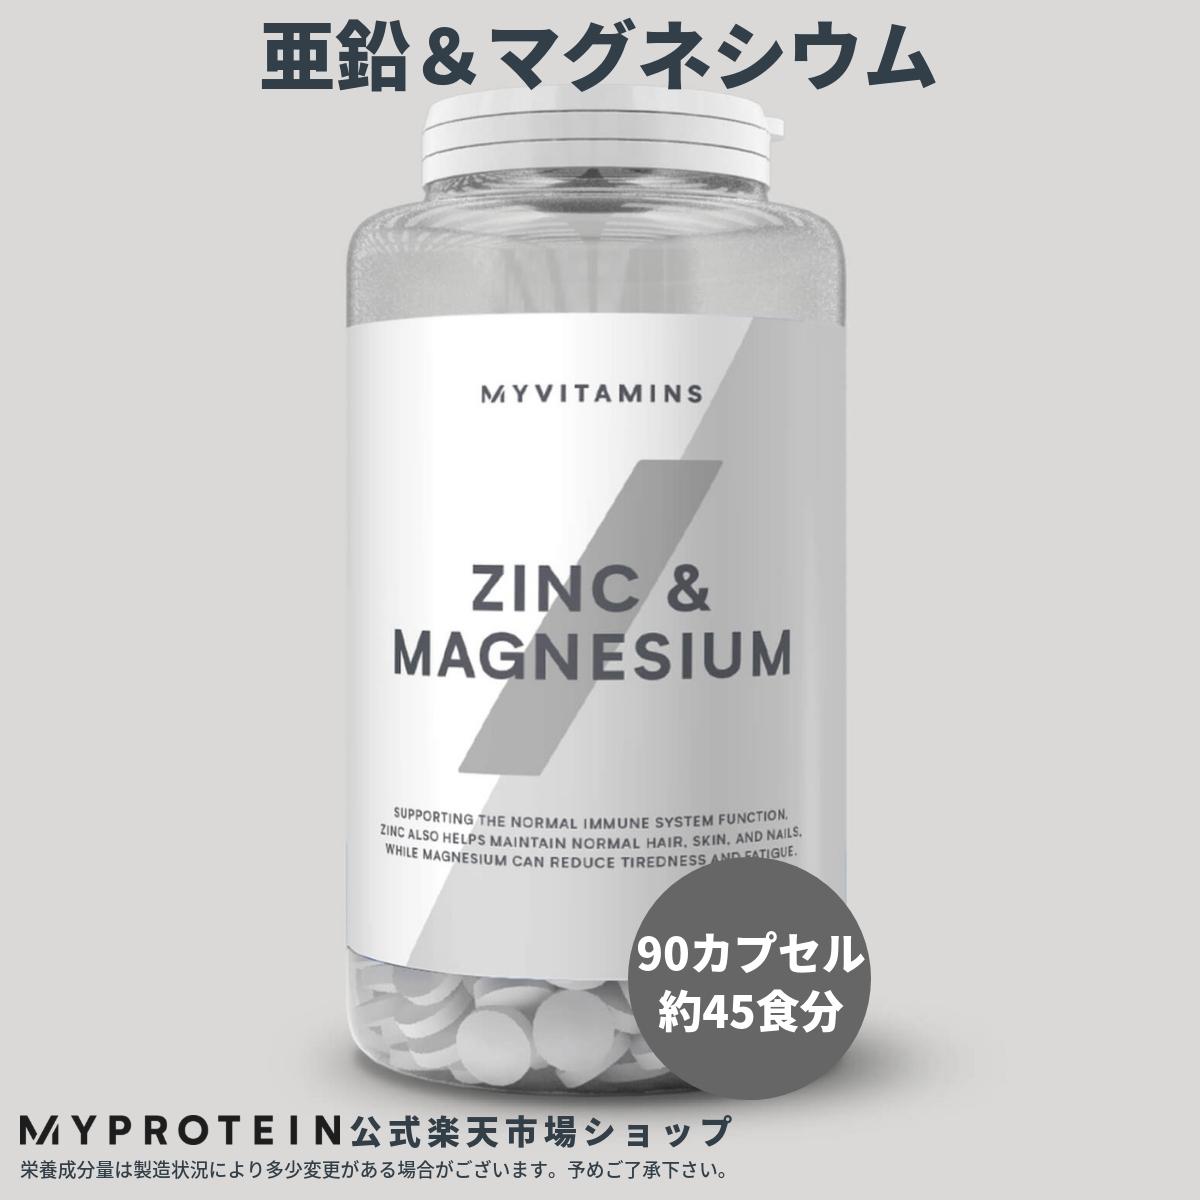 マイプロテイン 公式 【MyProtein】 亜鉛&マグネシウム 90カプセル 約45日分| サプリメント サプリ 栄養補助 栄養補助食品 健康サプリ 健康サプリメント 鉄 ミネラル 美容サプリ 美容サプリメント【楽天海外直送】